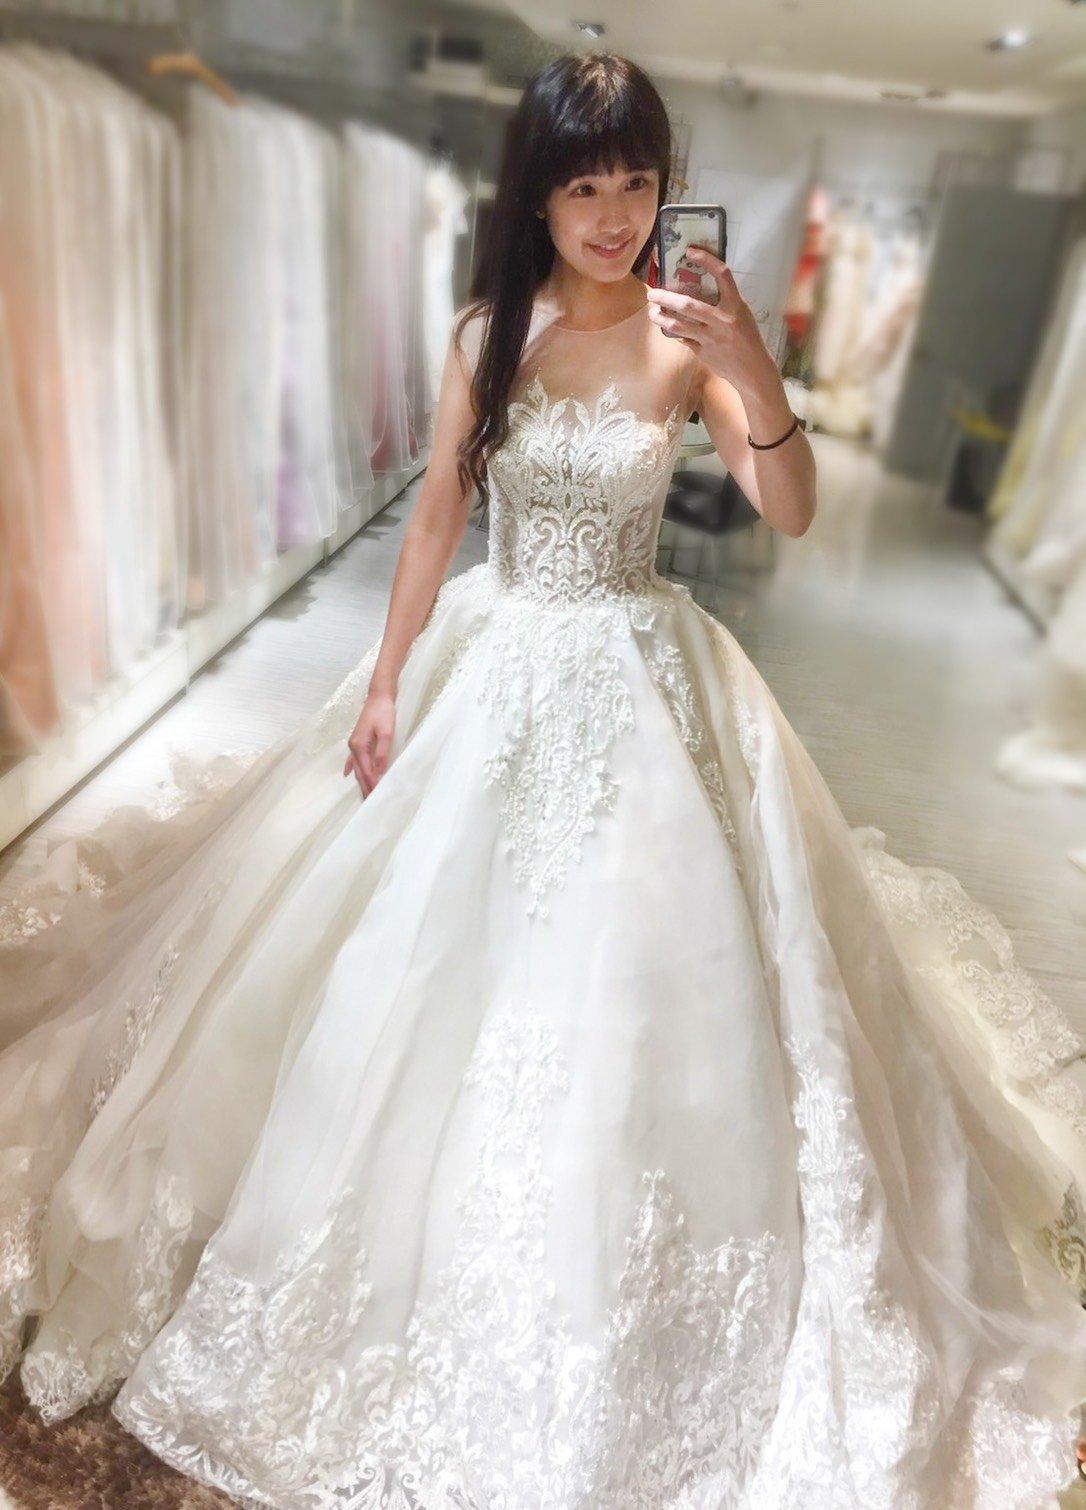 嘉義紐約紐約婚紗試穿心得8